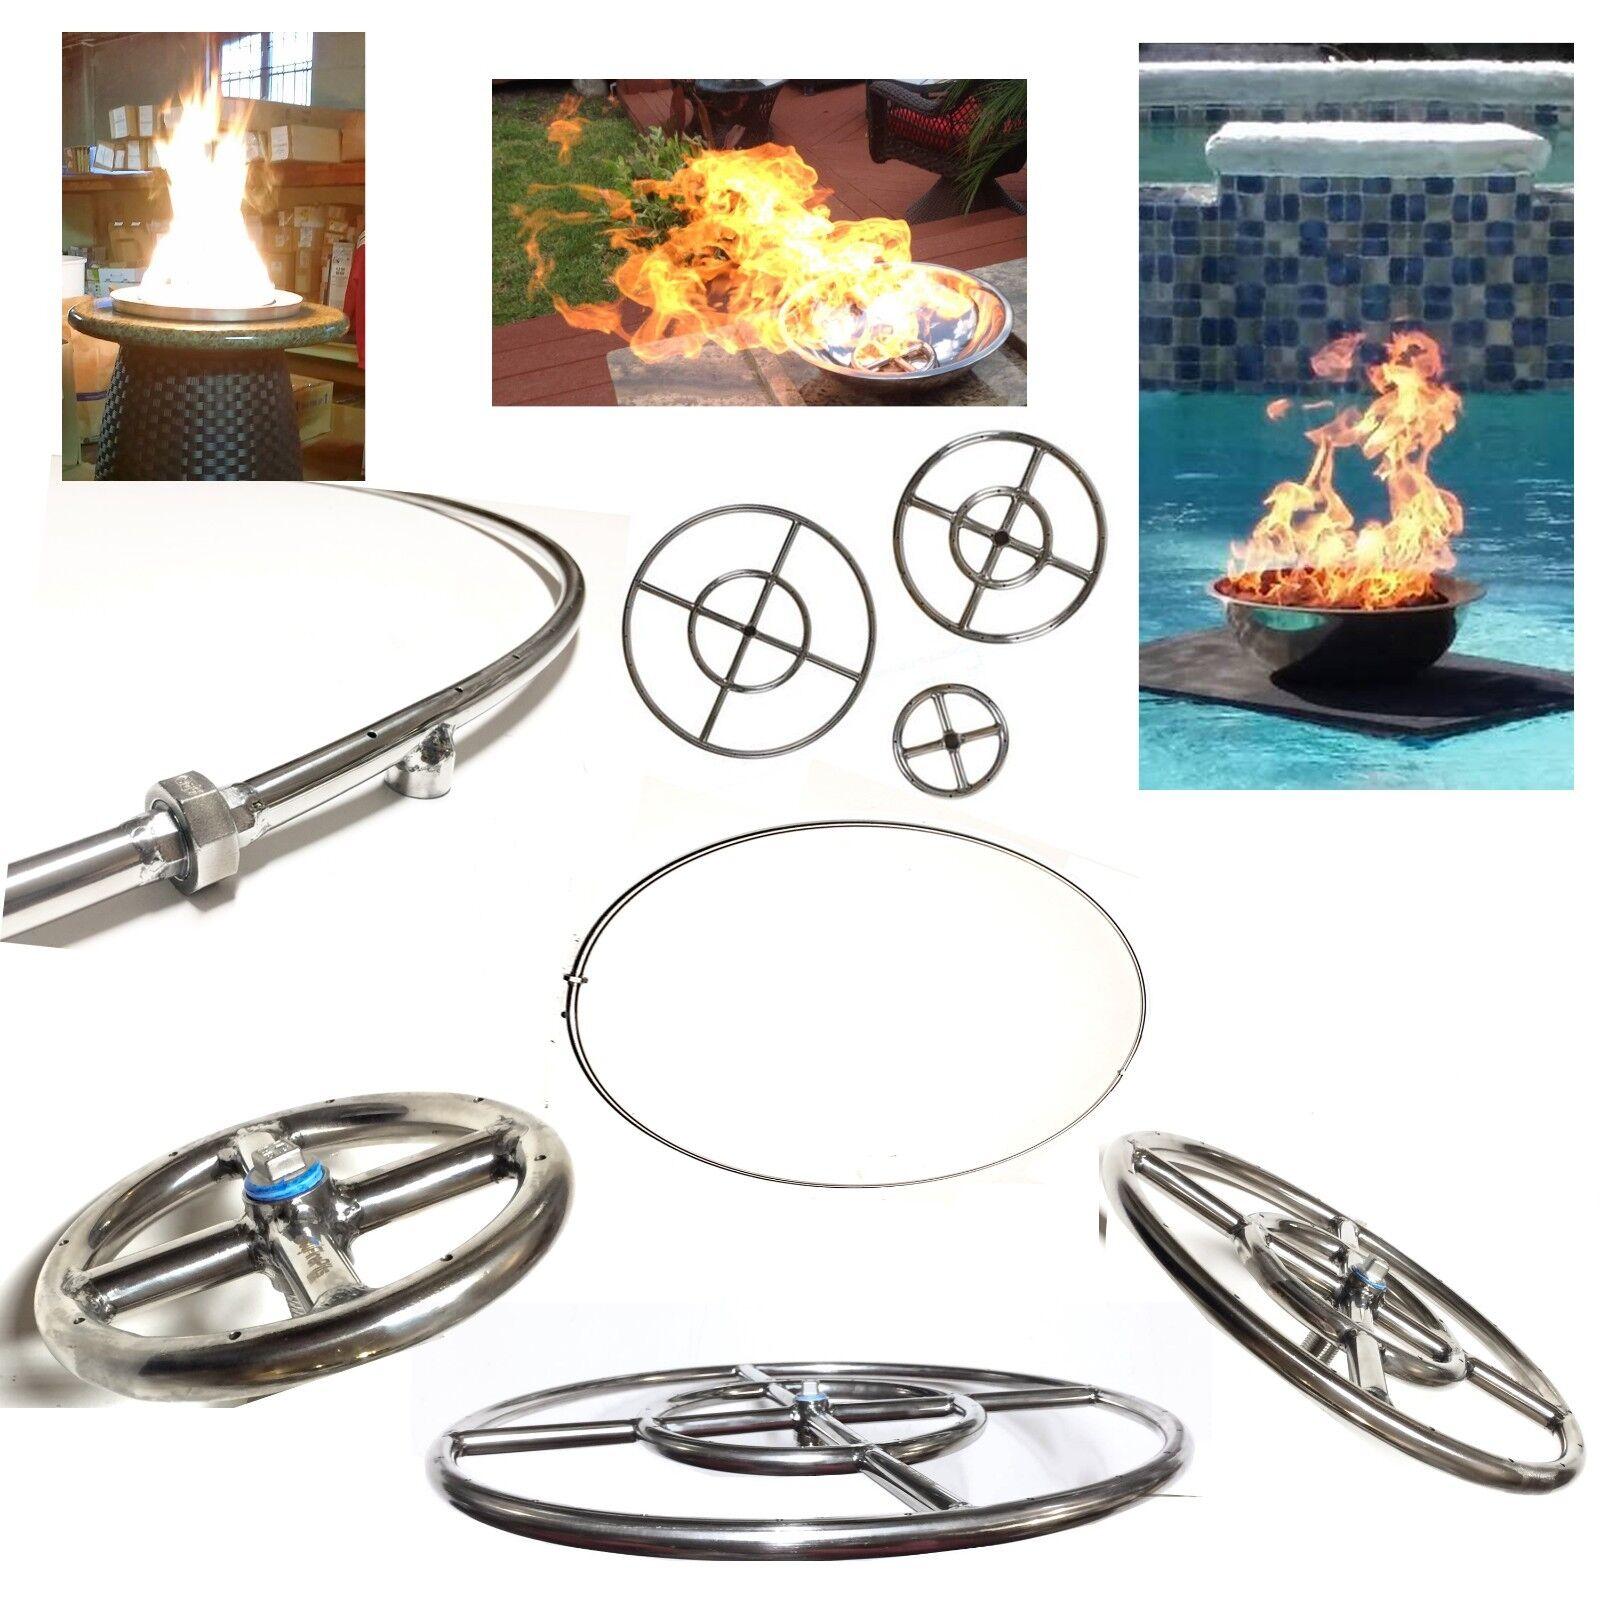 Easyfirepits vida guerra 316 Acero rojoondo Gas Fuego Pit fuego Quemadores De Mesa